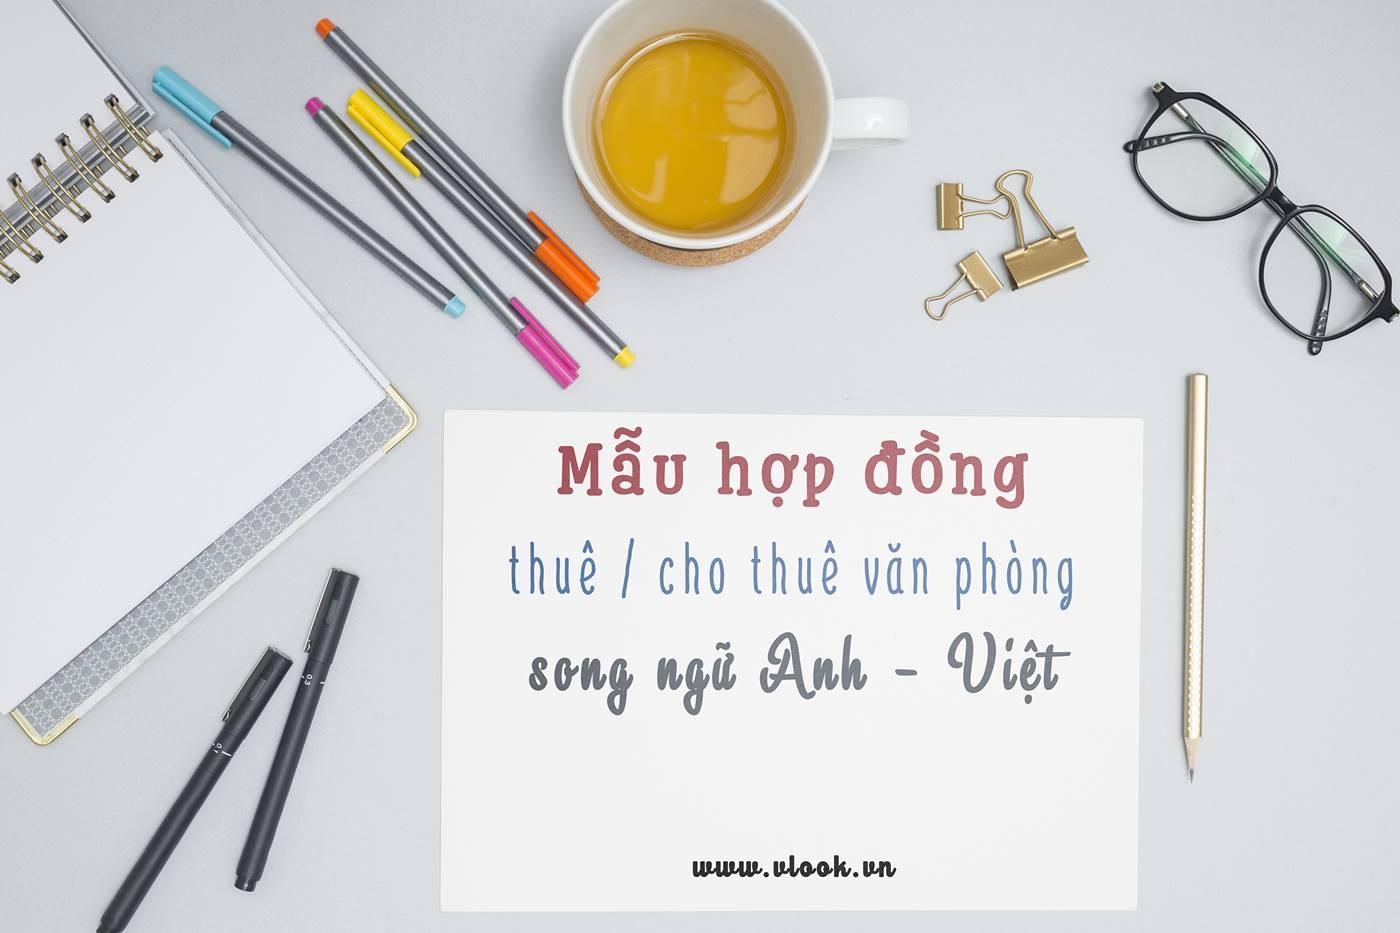 Mẫu hợp đồng thuê văn phòng làm việc bằng tiếng Anh (song ngữ Anh Việt) - vlook.vn